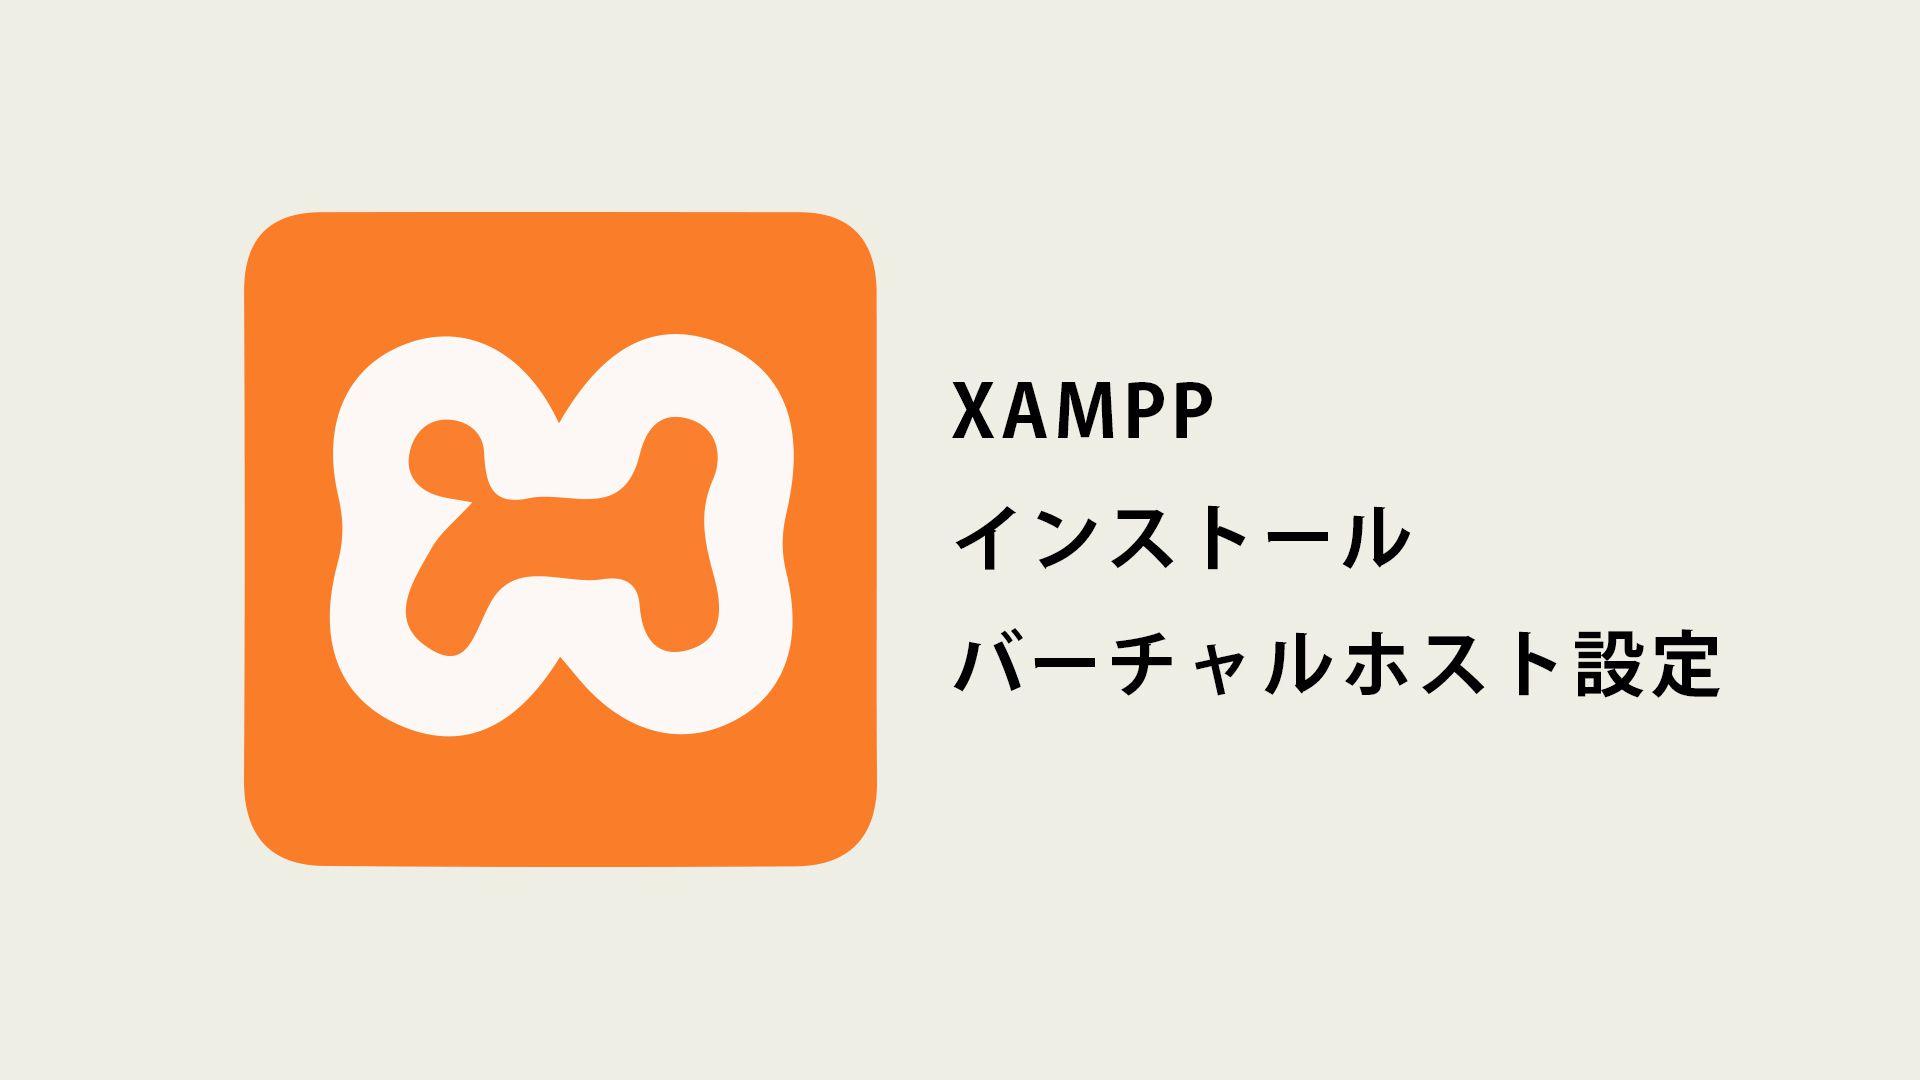 XAMPPインストールからバーチャルホスト設定まで。